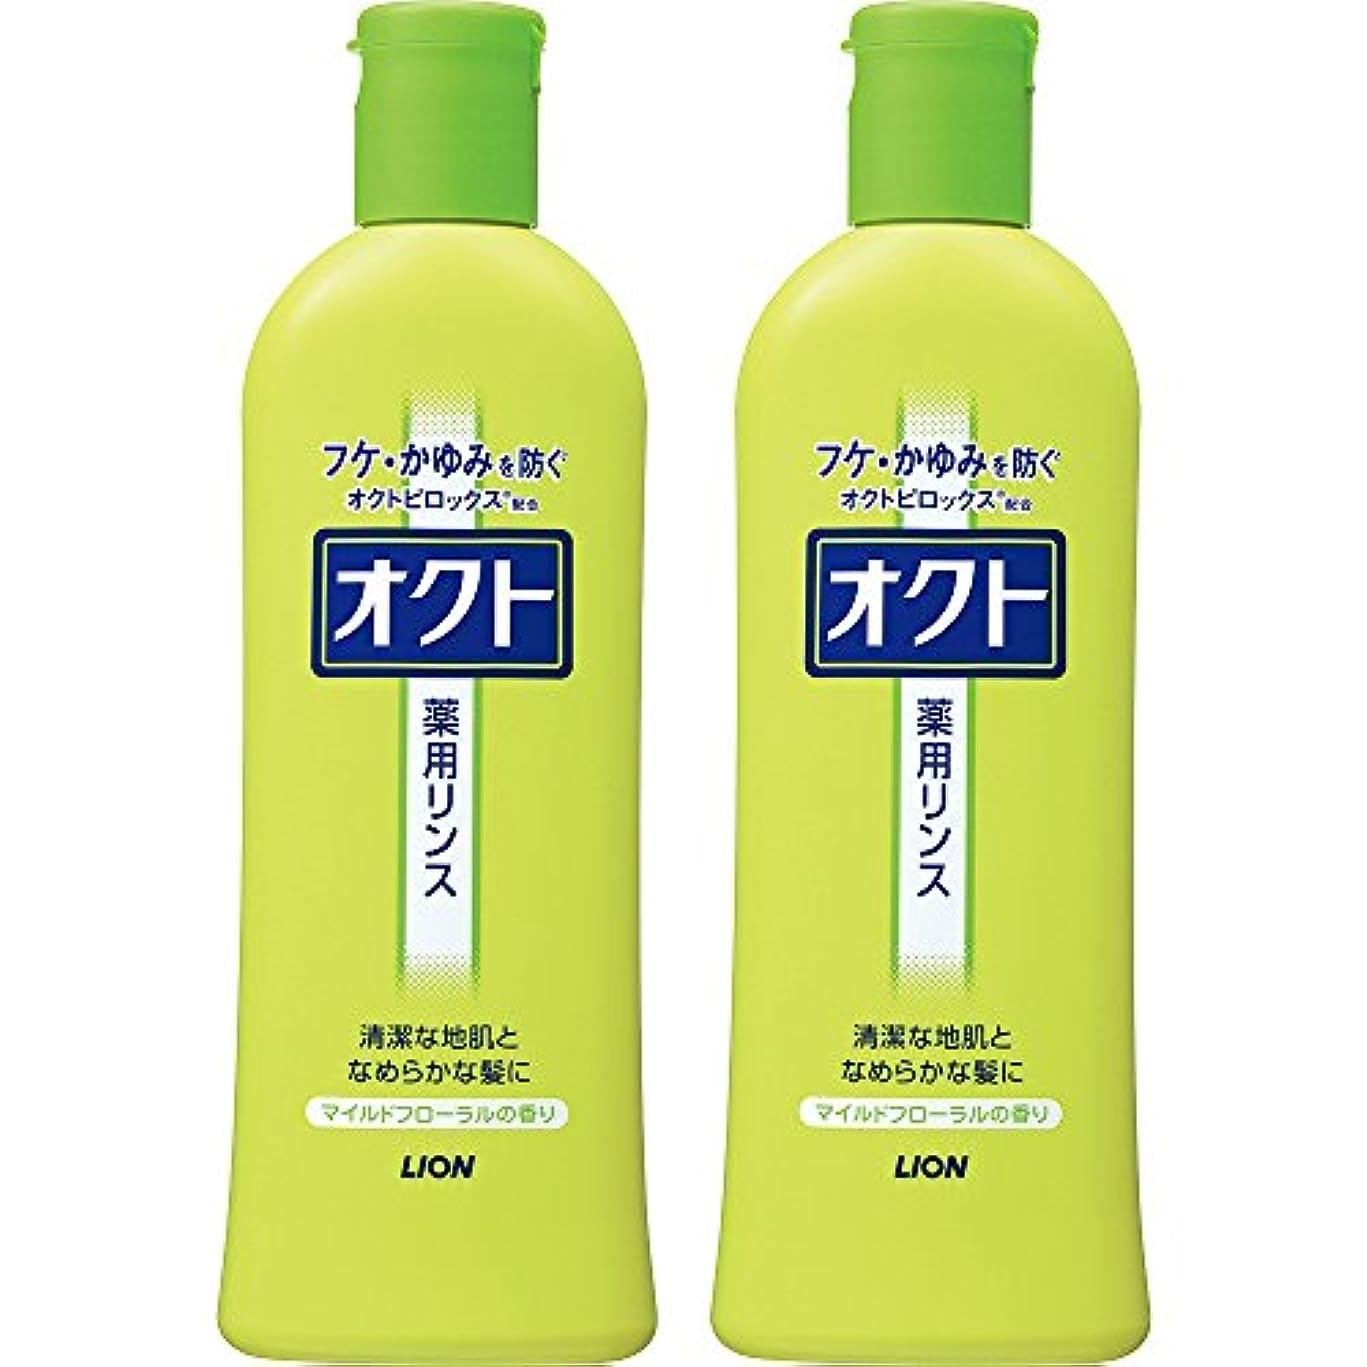 モックウミウシメロン【まとめ買い】オクト リンス 320ml×2個セット (医薬部外品)